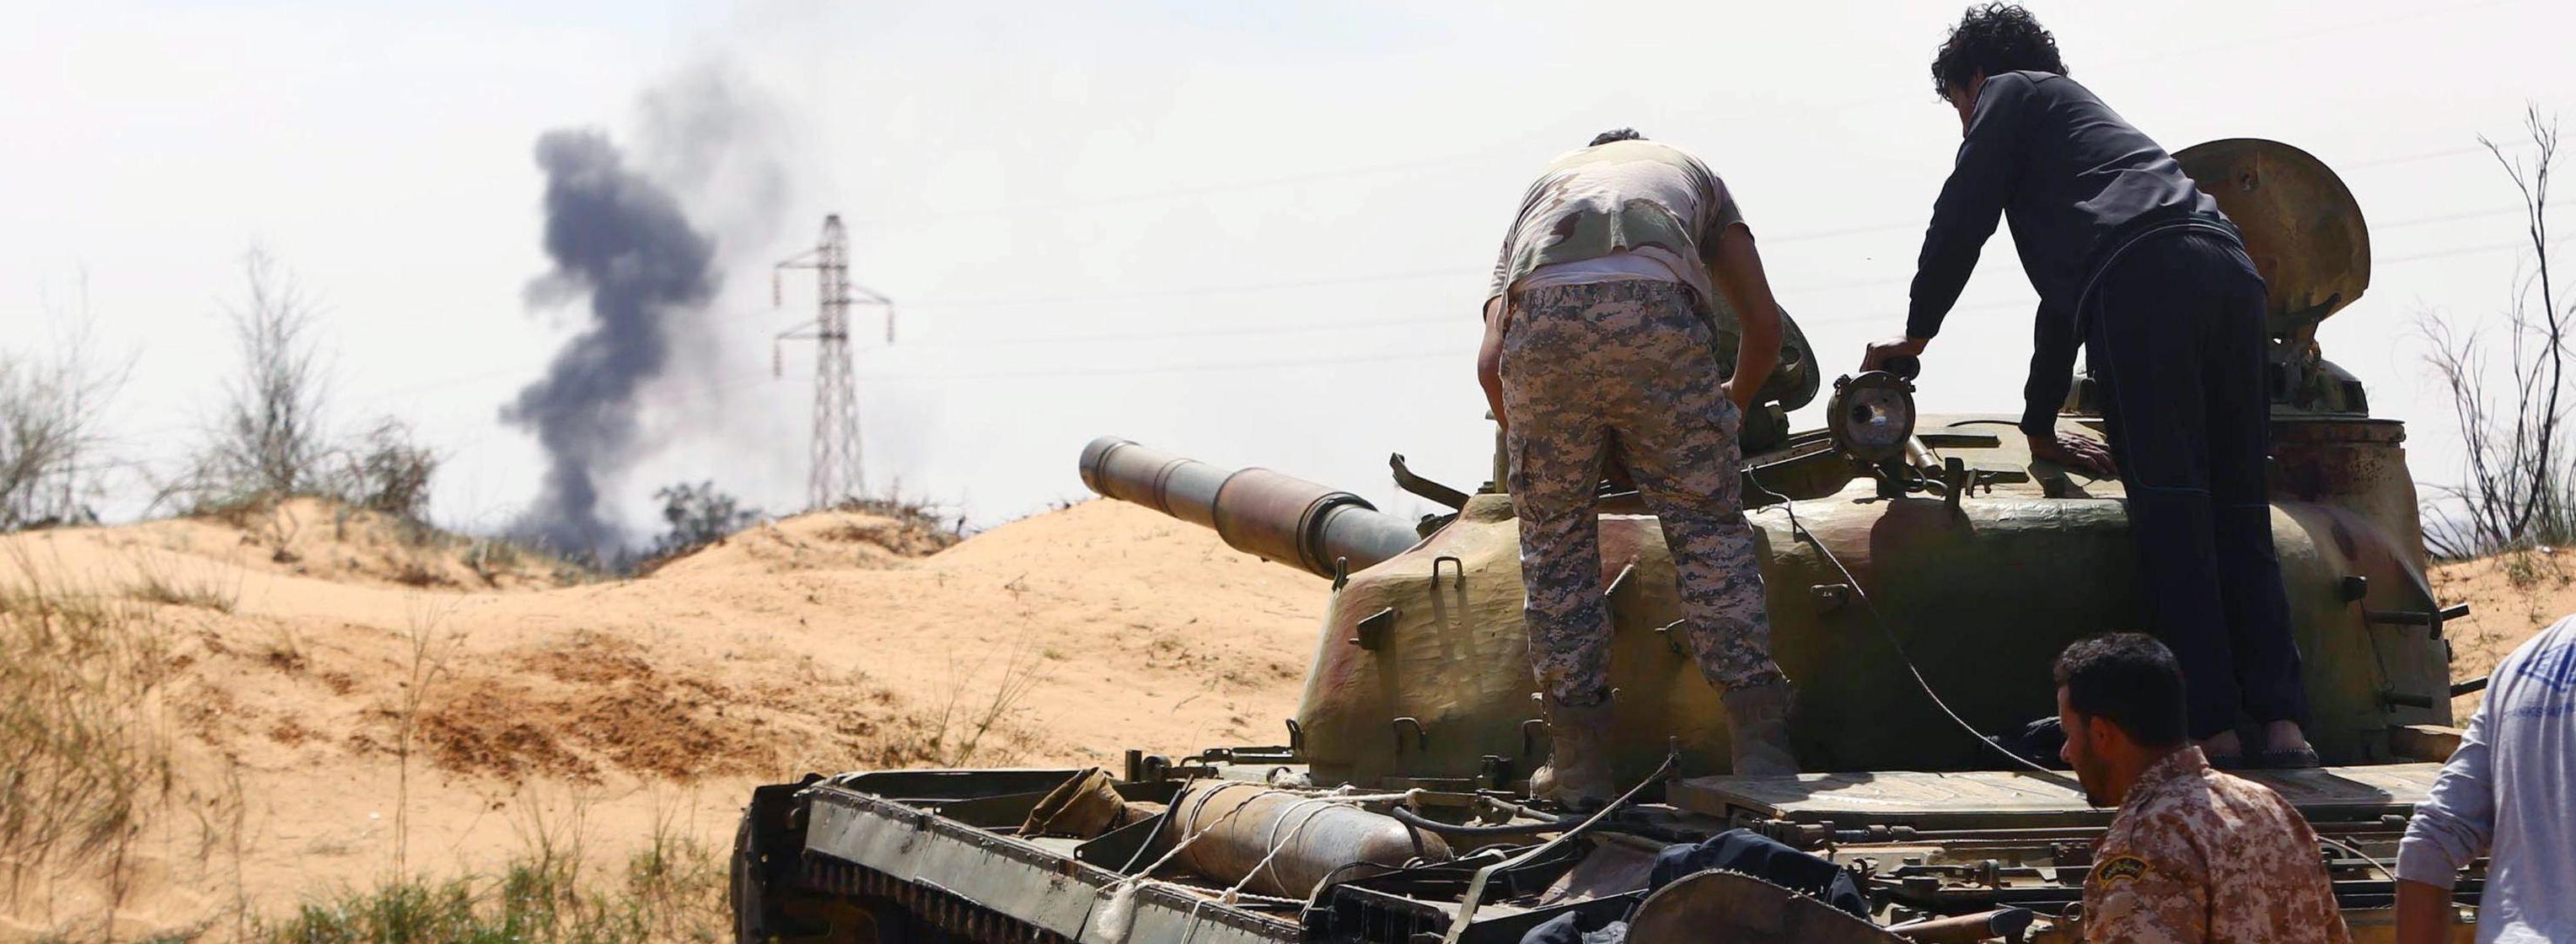 Un'immagine di guerra a Tripoli